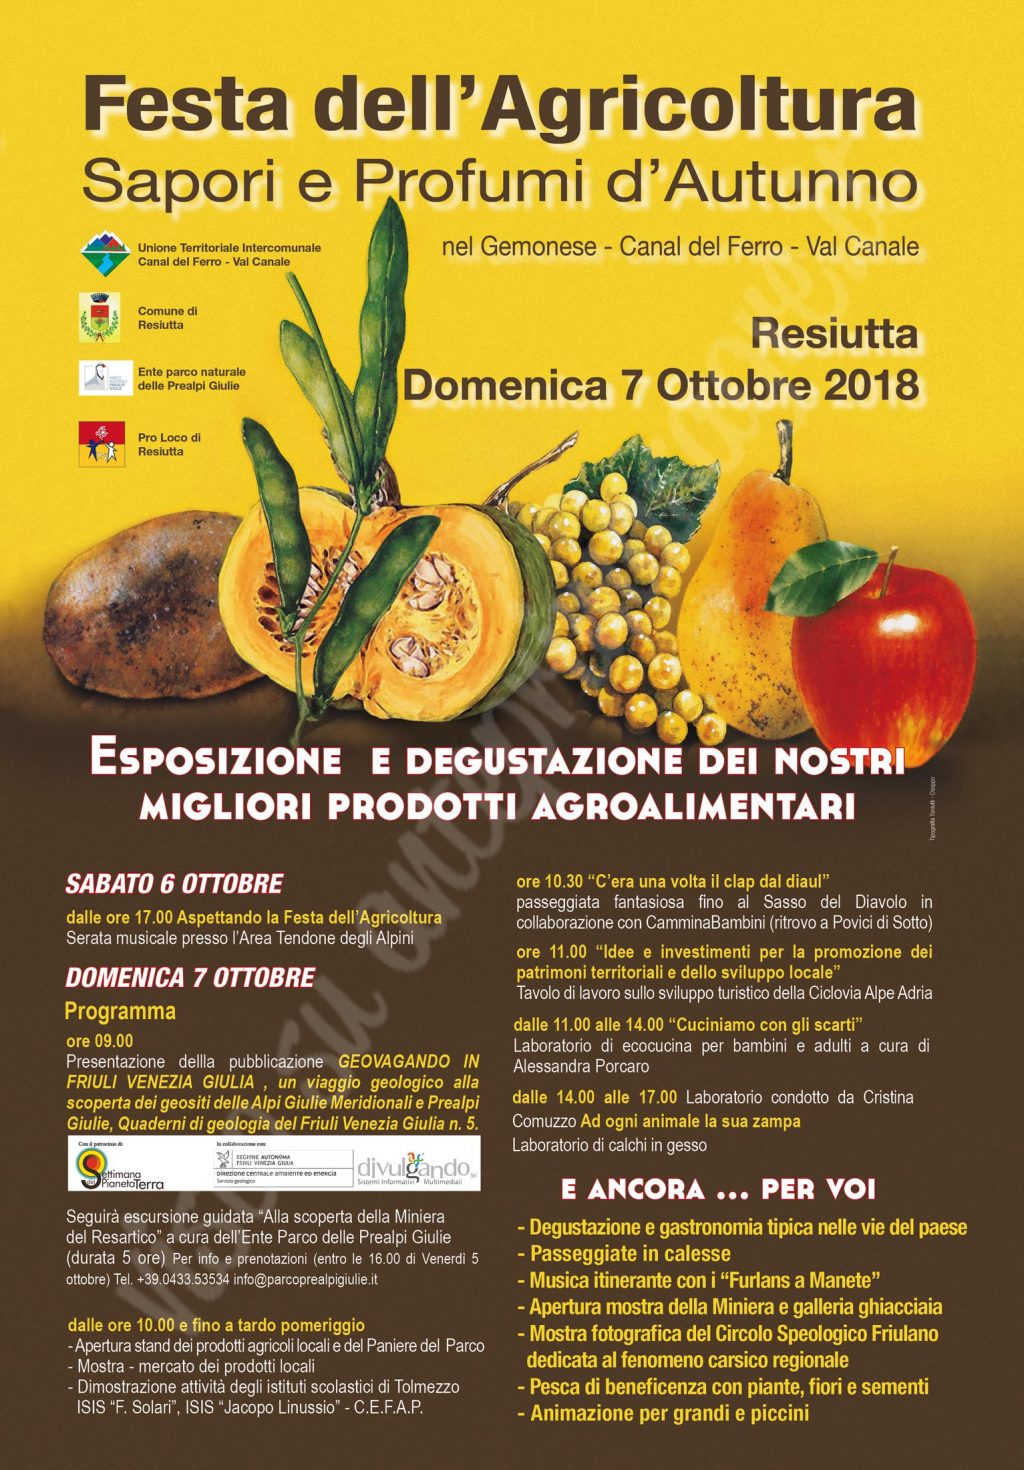 Festa dell'Agricoltura 2018 di Resiutta